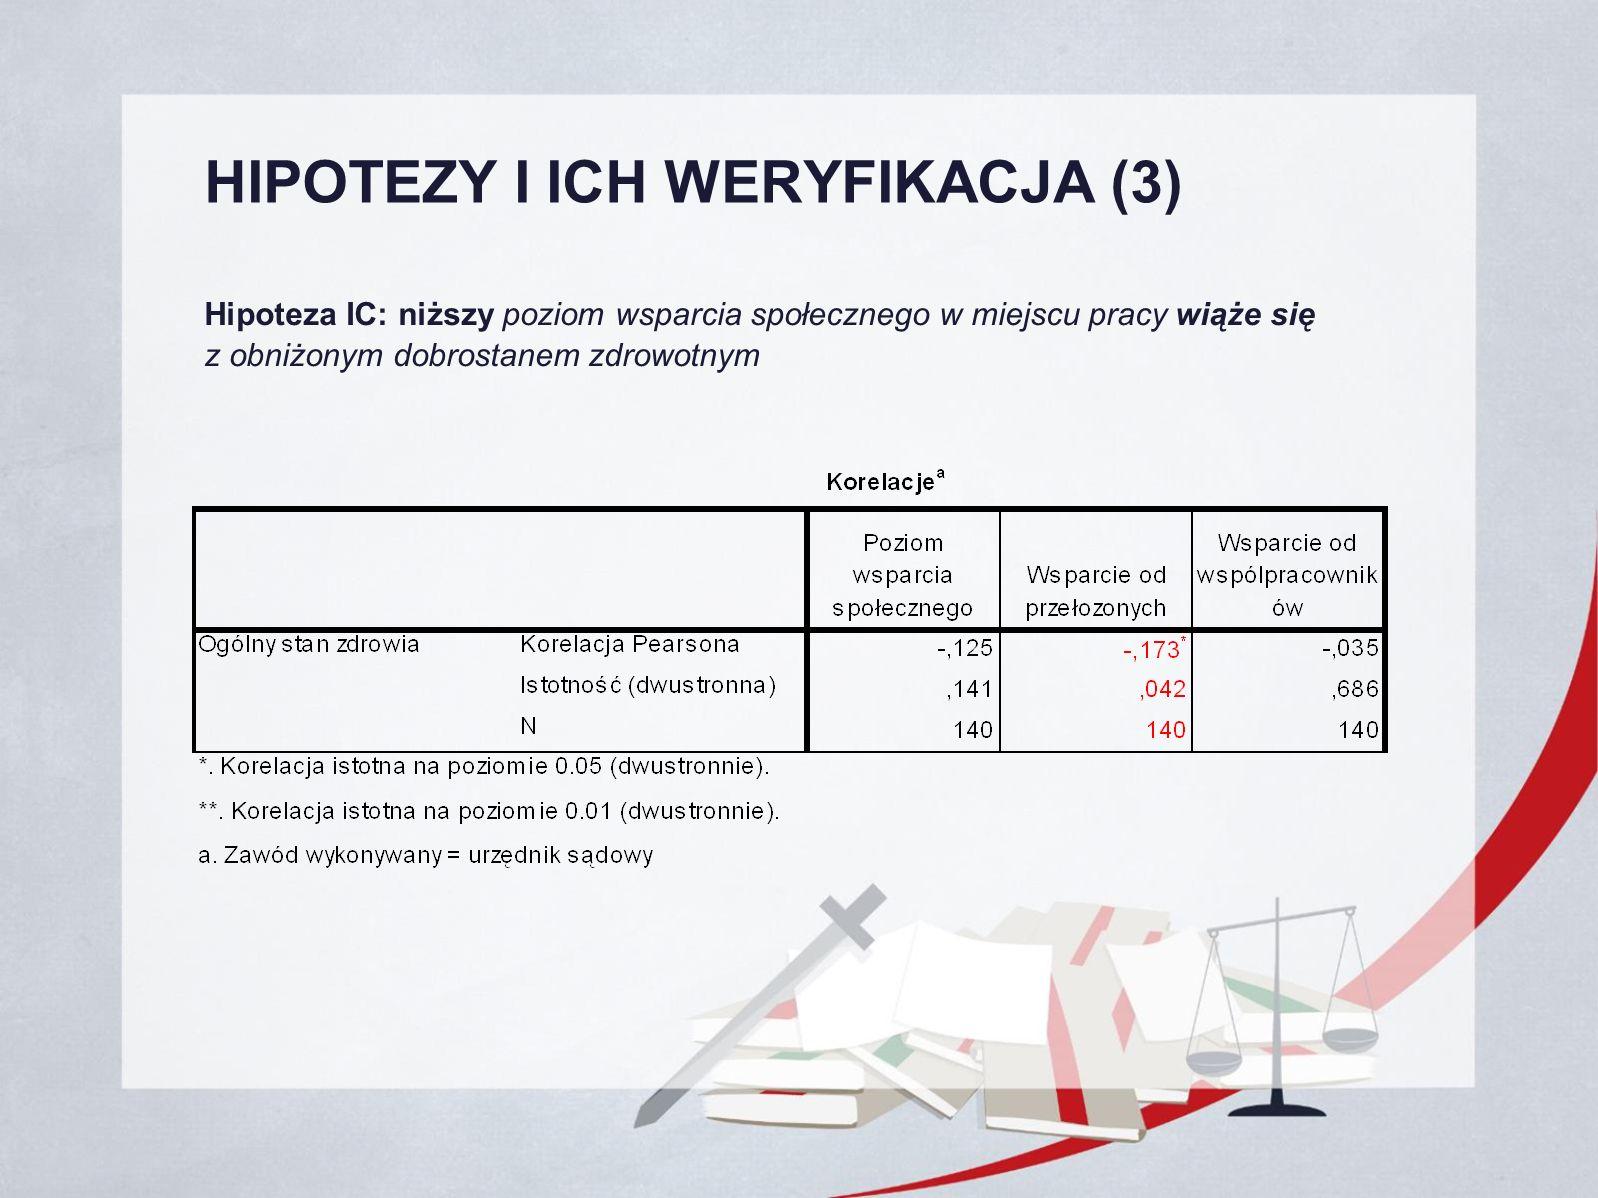 HIPOTEZY I ICH WERYFIKACJA (3) Hipoteza IC: niższy poziom wsparcia społecznego w miejscu pracy wiąże się z obniżonym dobrostanem zdrowotnym